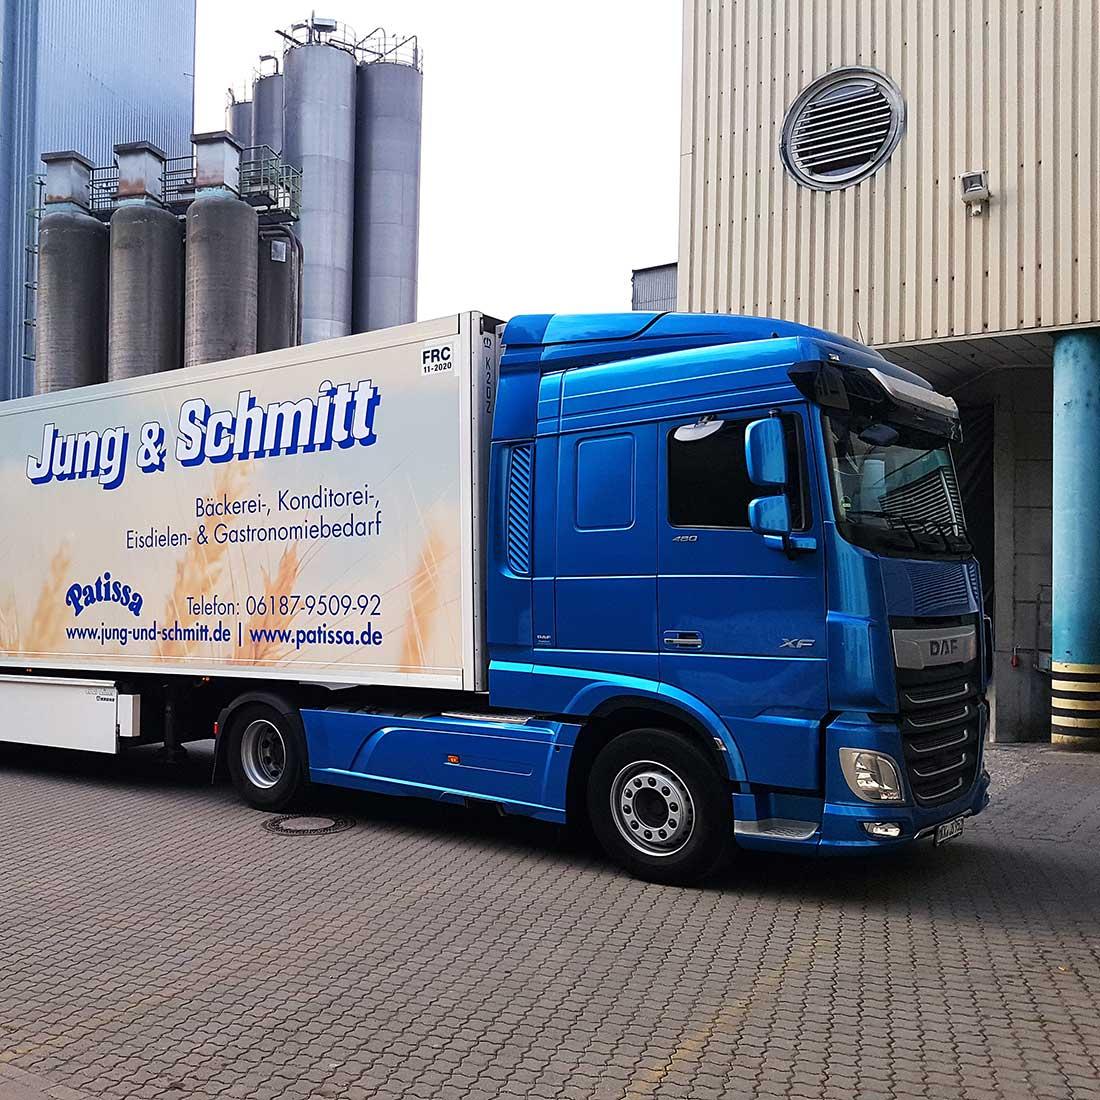 Jung und Schmitt GmbH Nachf.